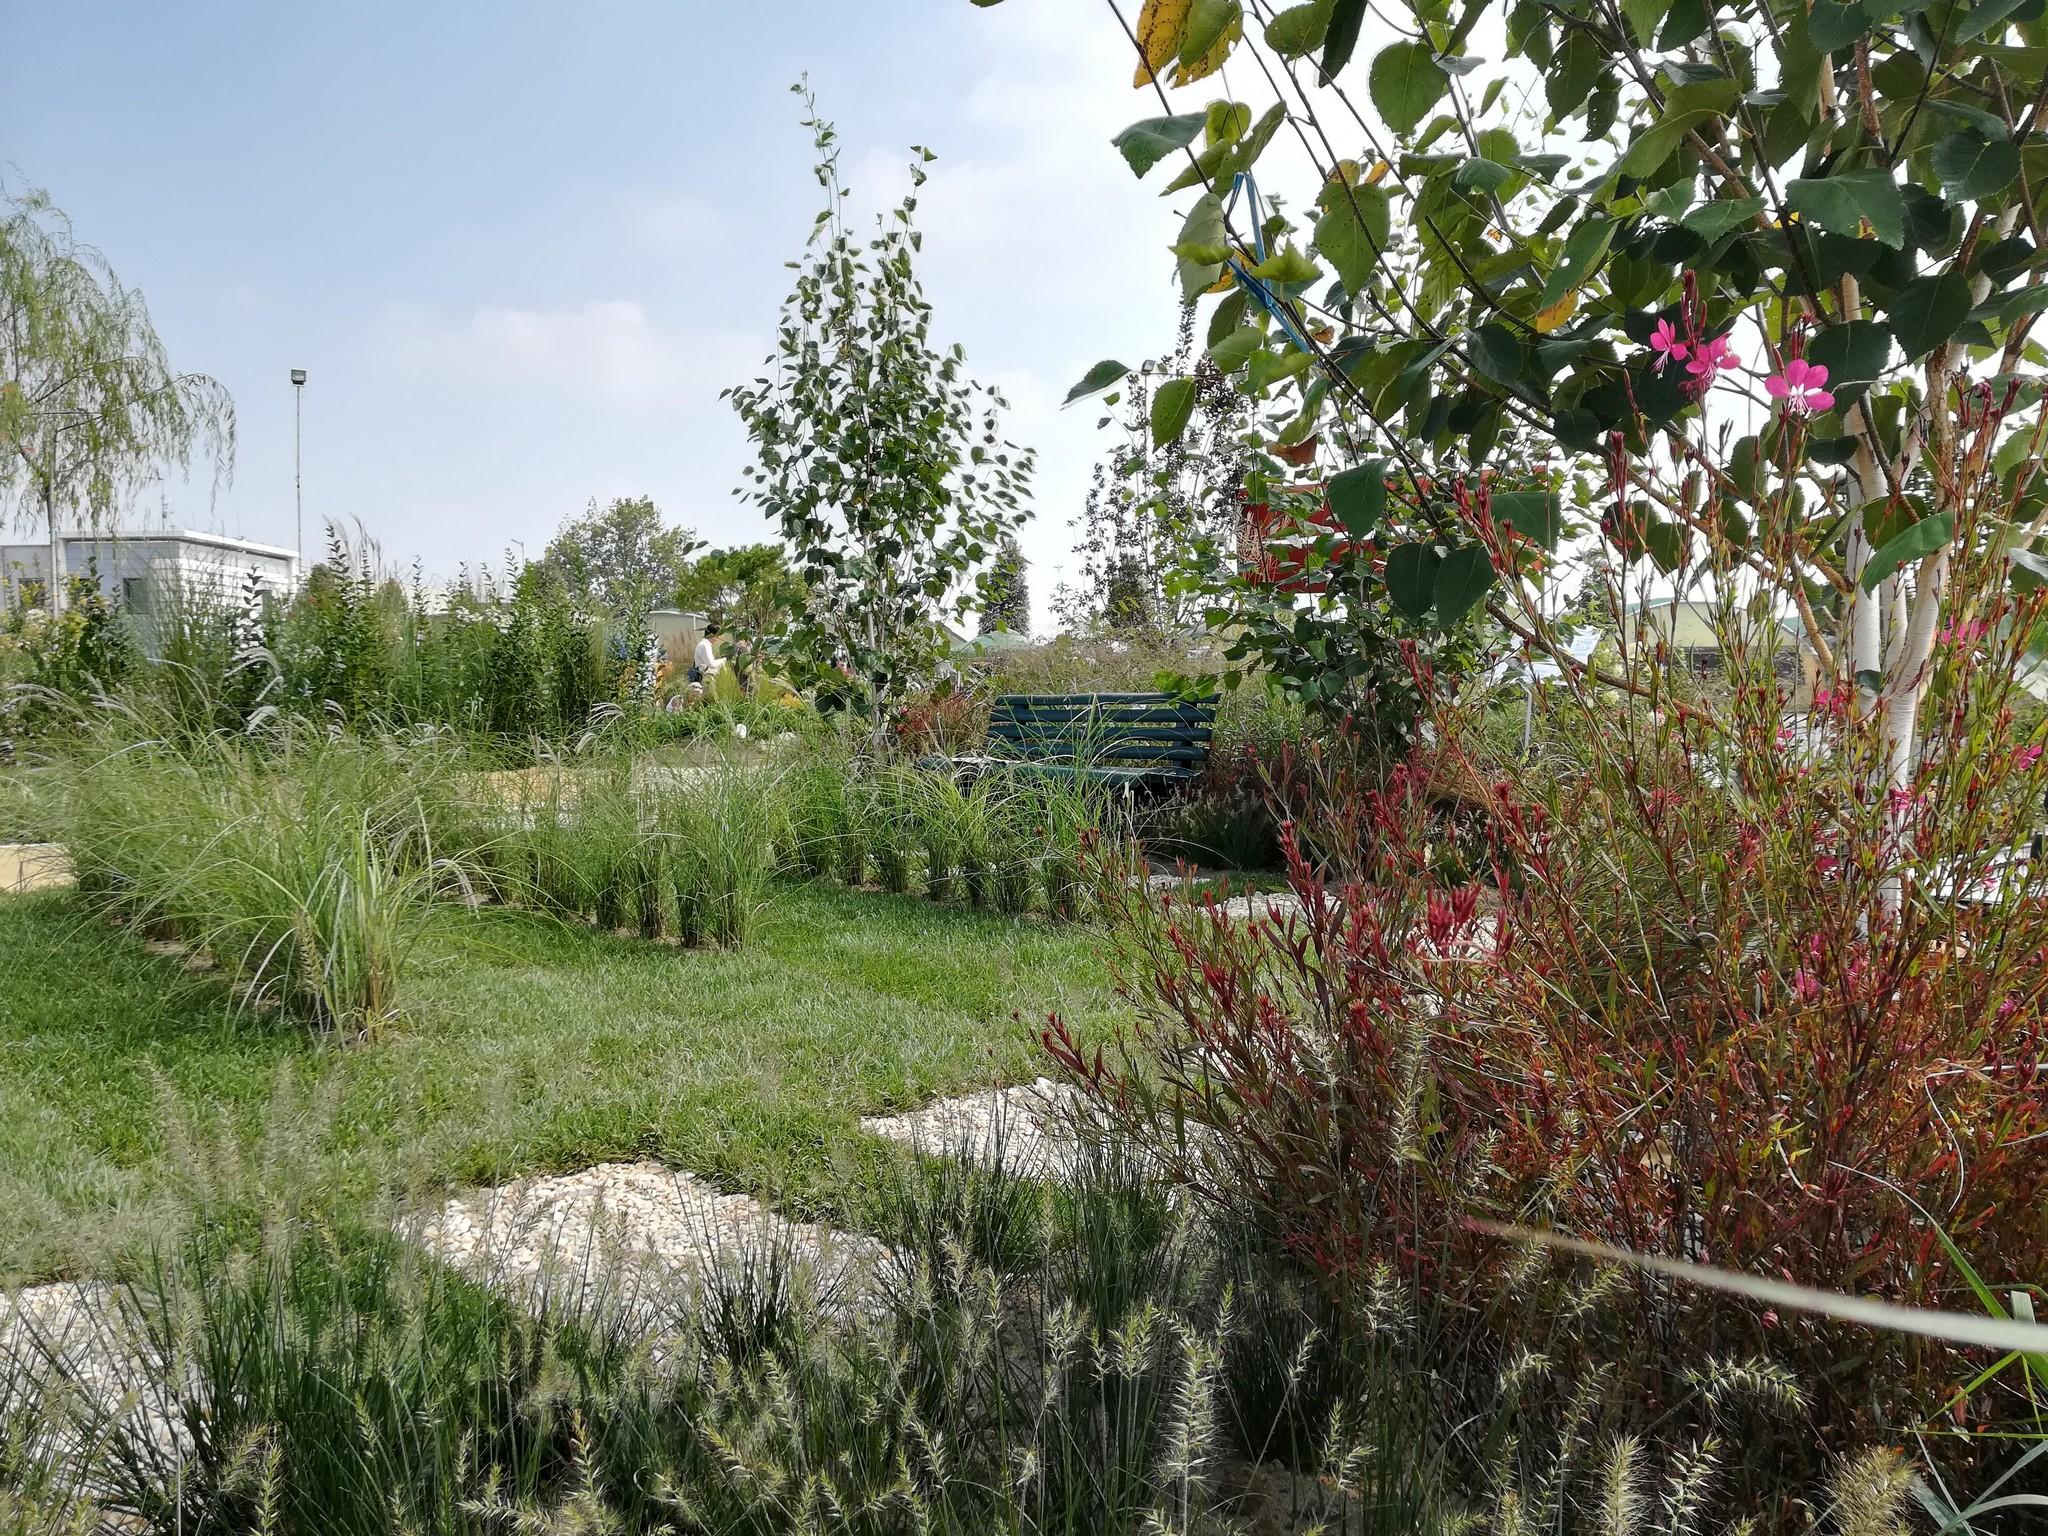 Concorso-giardini-Verdeggiando_77-Con-il-vento-tra-i-capelli-SNFT9-Stefano-Notari